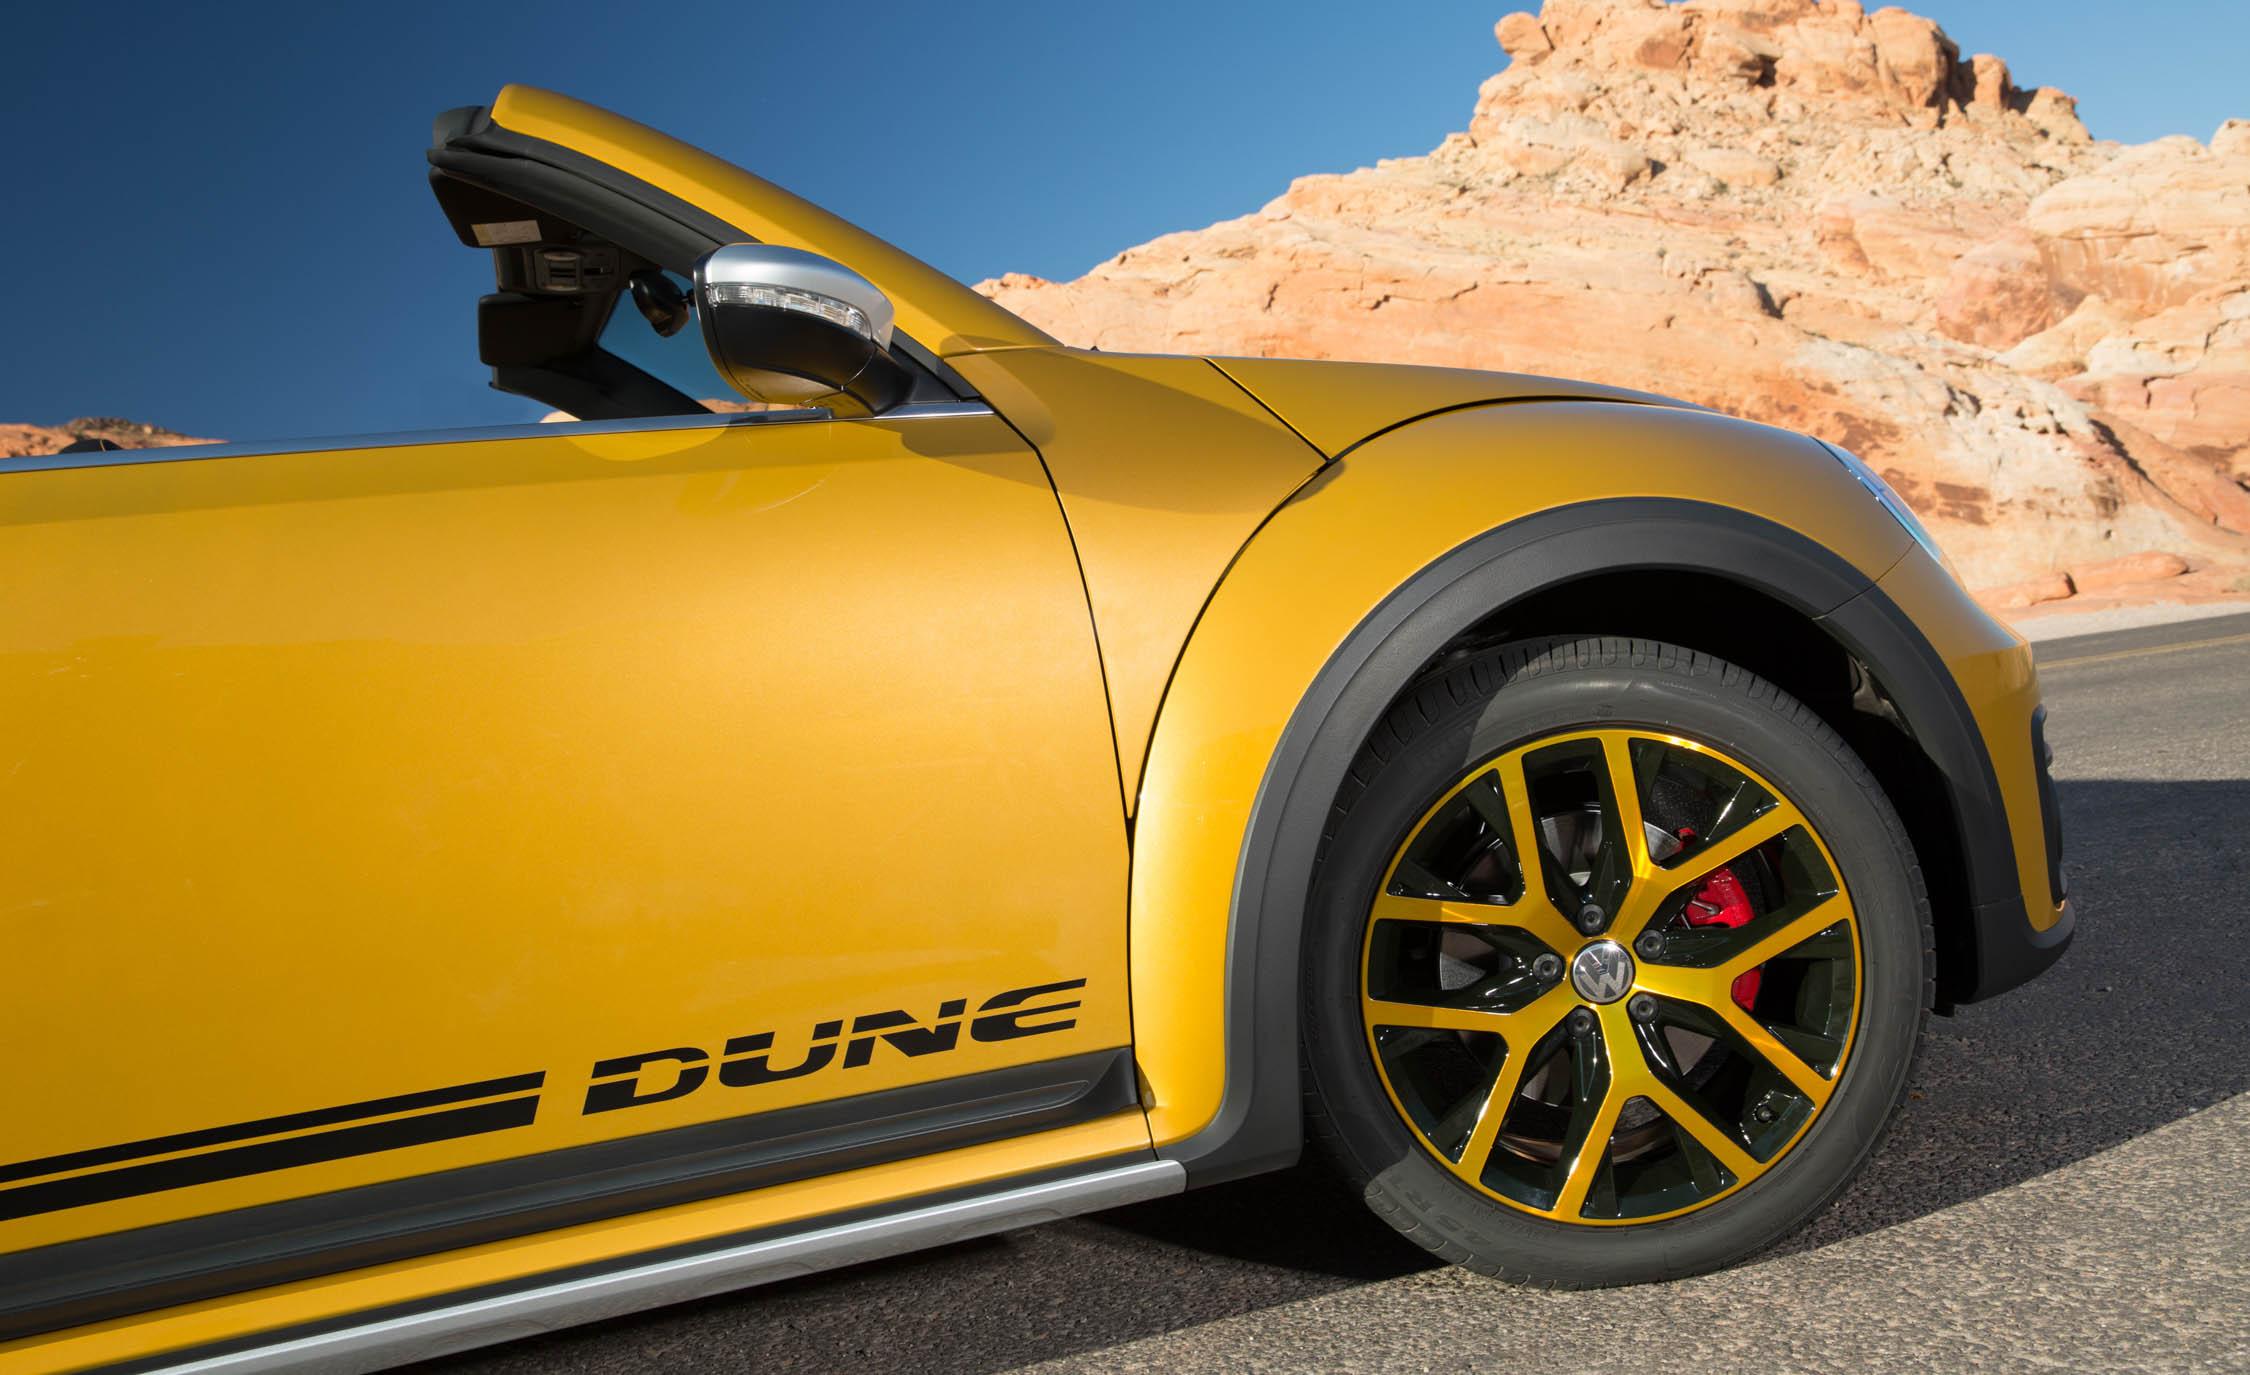 2016 Volkswagen Beetle Dune Convertible Exterior Wheel (View 19 of 32)